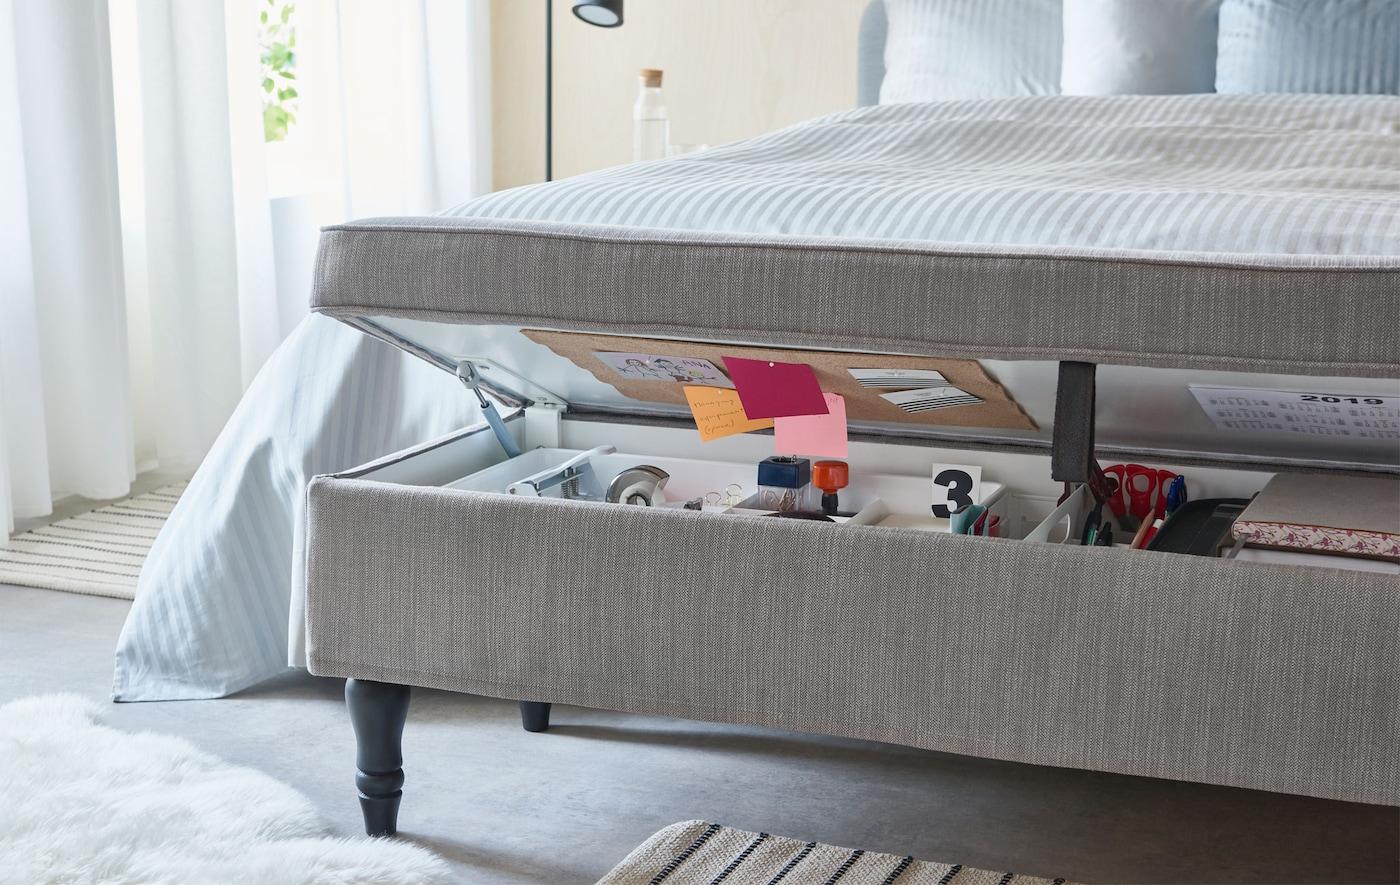 Banco com arrumação com capa têxtil aos pés de uma cama, com o conteúdo típico de um escritório em casa.